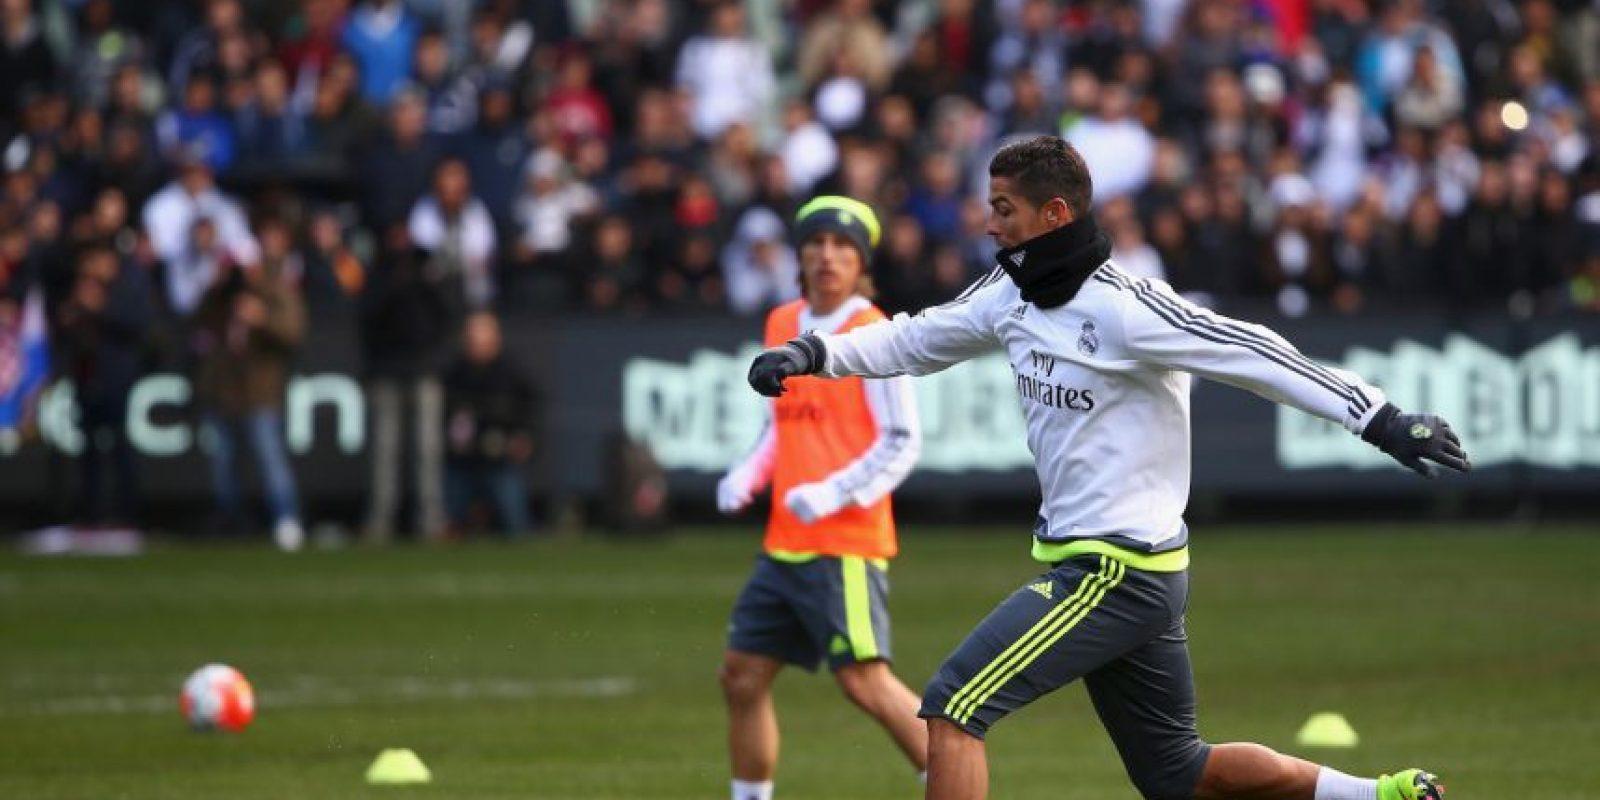 Pero ahora, el portugués parece más adaptado a su nuevo entrenador, tras varios encuentros amistosos donde ha sido el protagonista del cuadro de Rafa Benítez. Foto:Getty Images